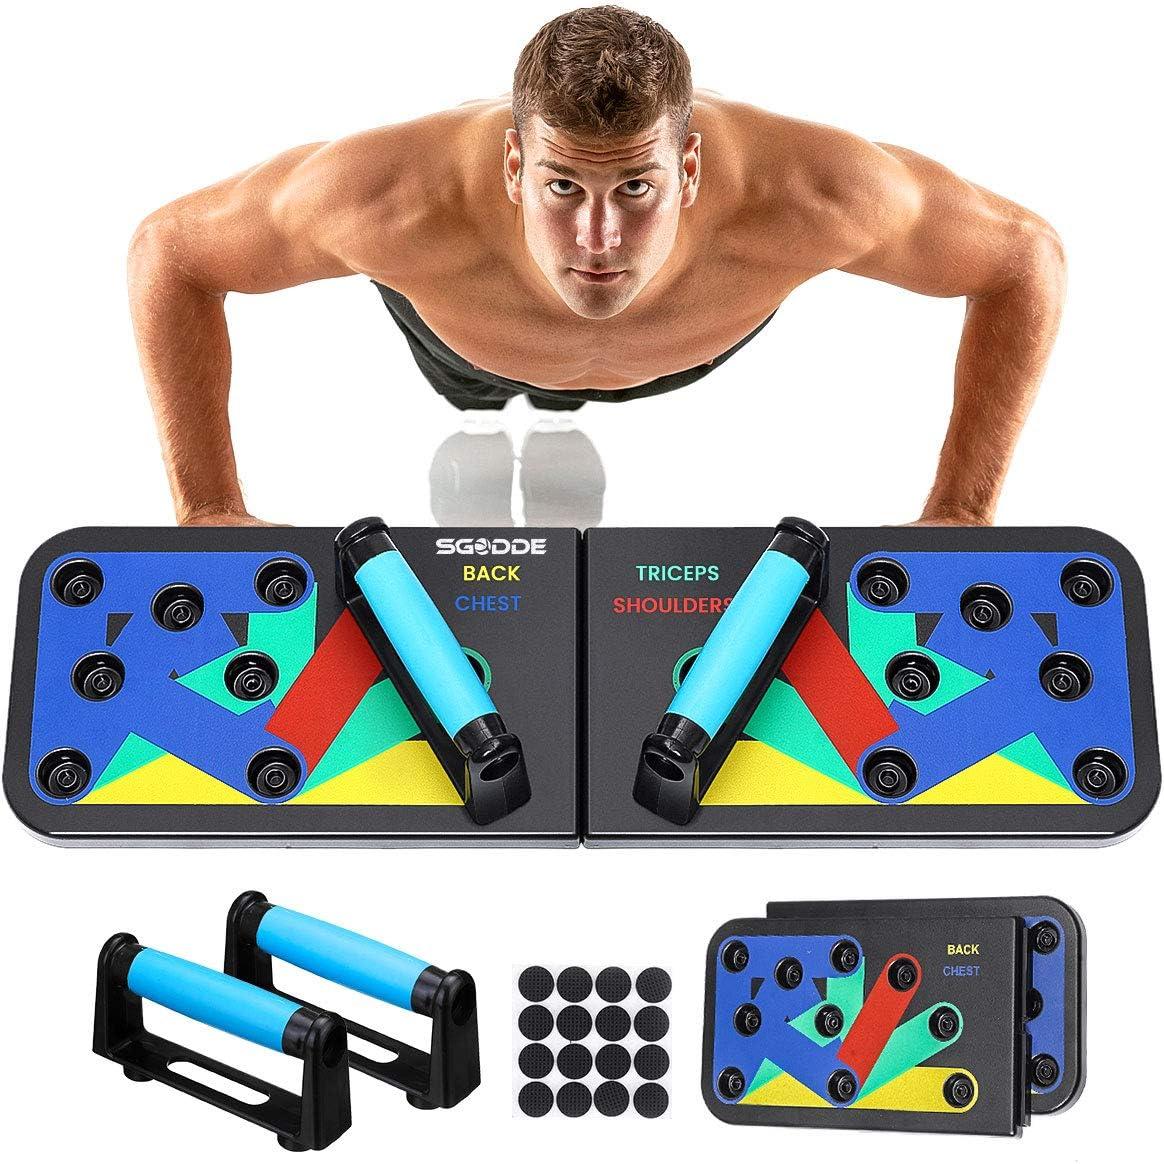 SGODDE Push Up Board, Tabla de Flexiones, Soporte de Flexiones Plegable con Cuerda de Tracción y Manija de Empuje, para el Aptitud Ejercicio Tablero ...